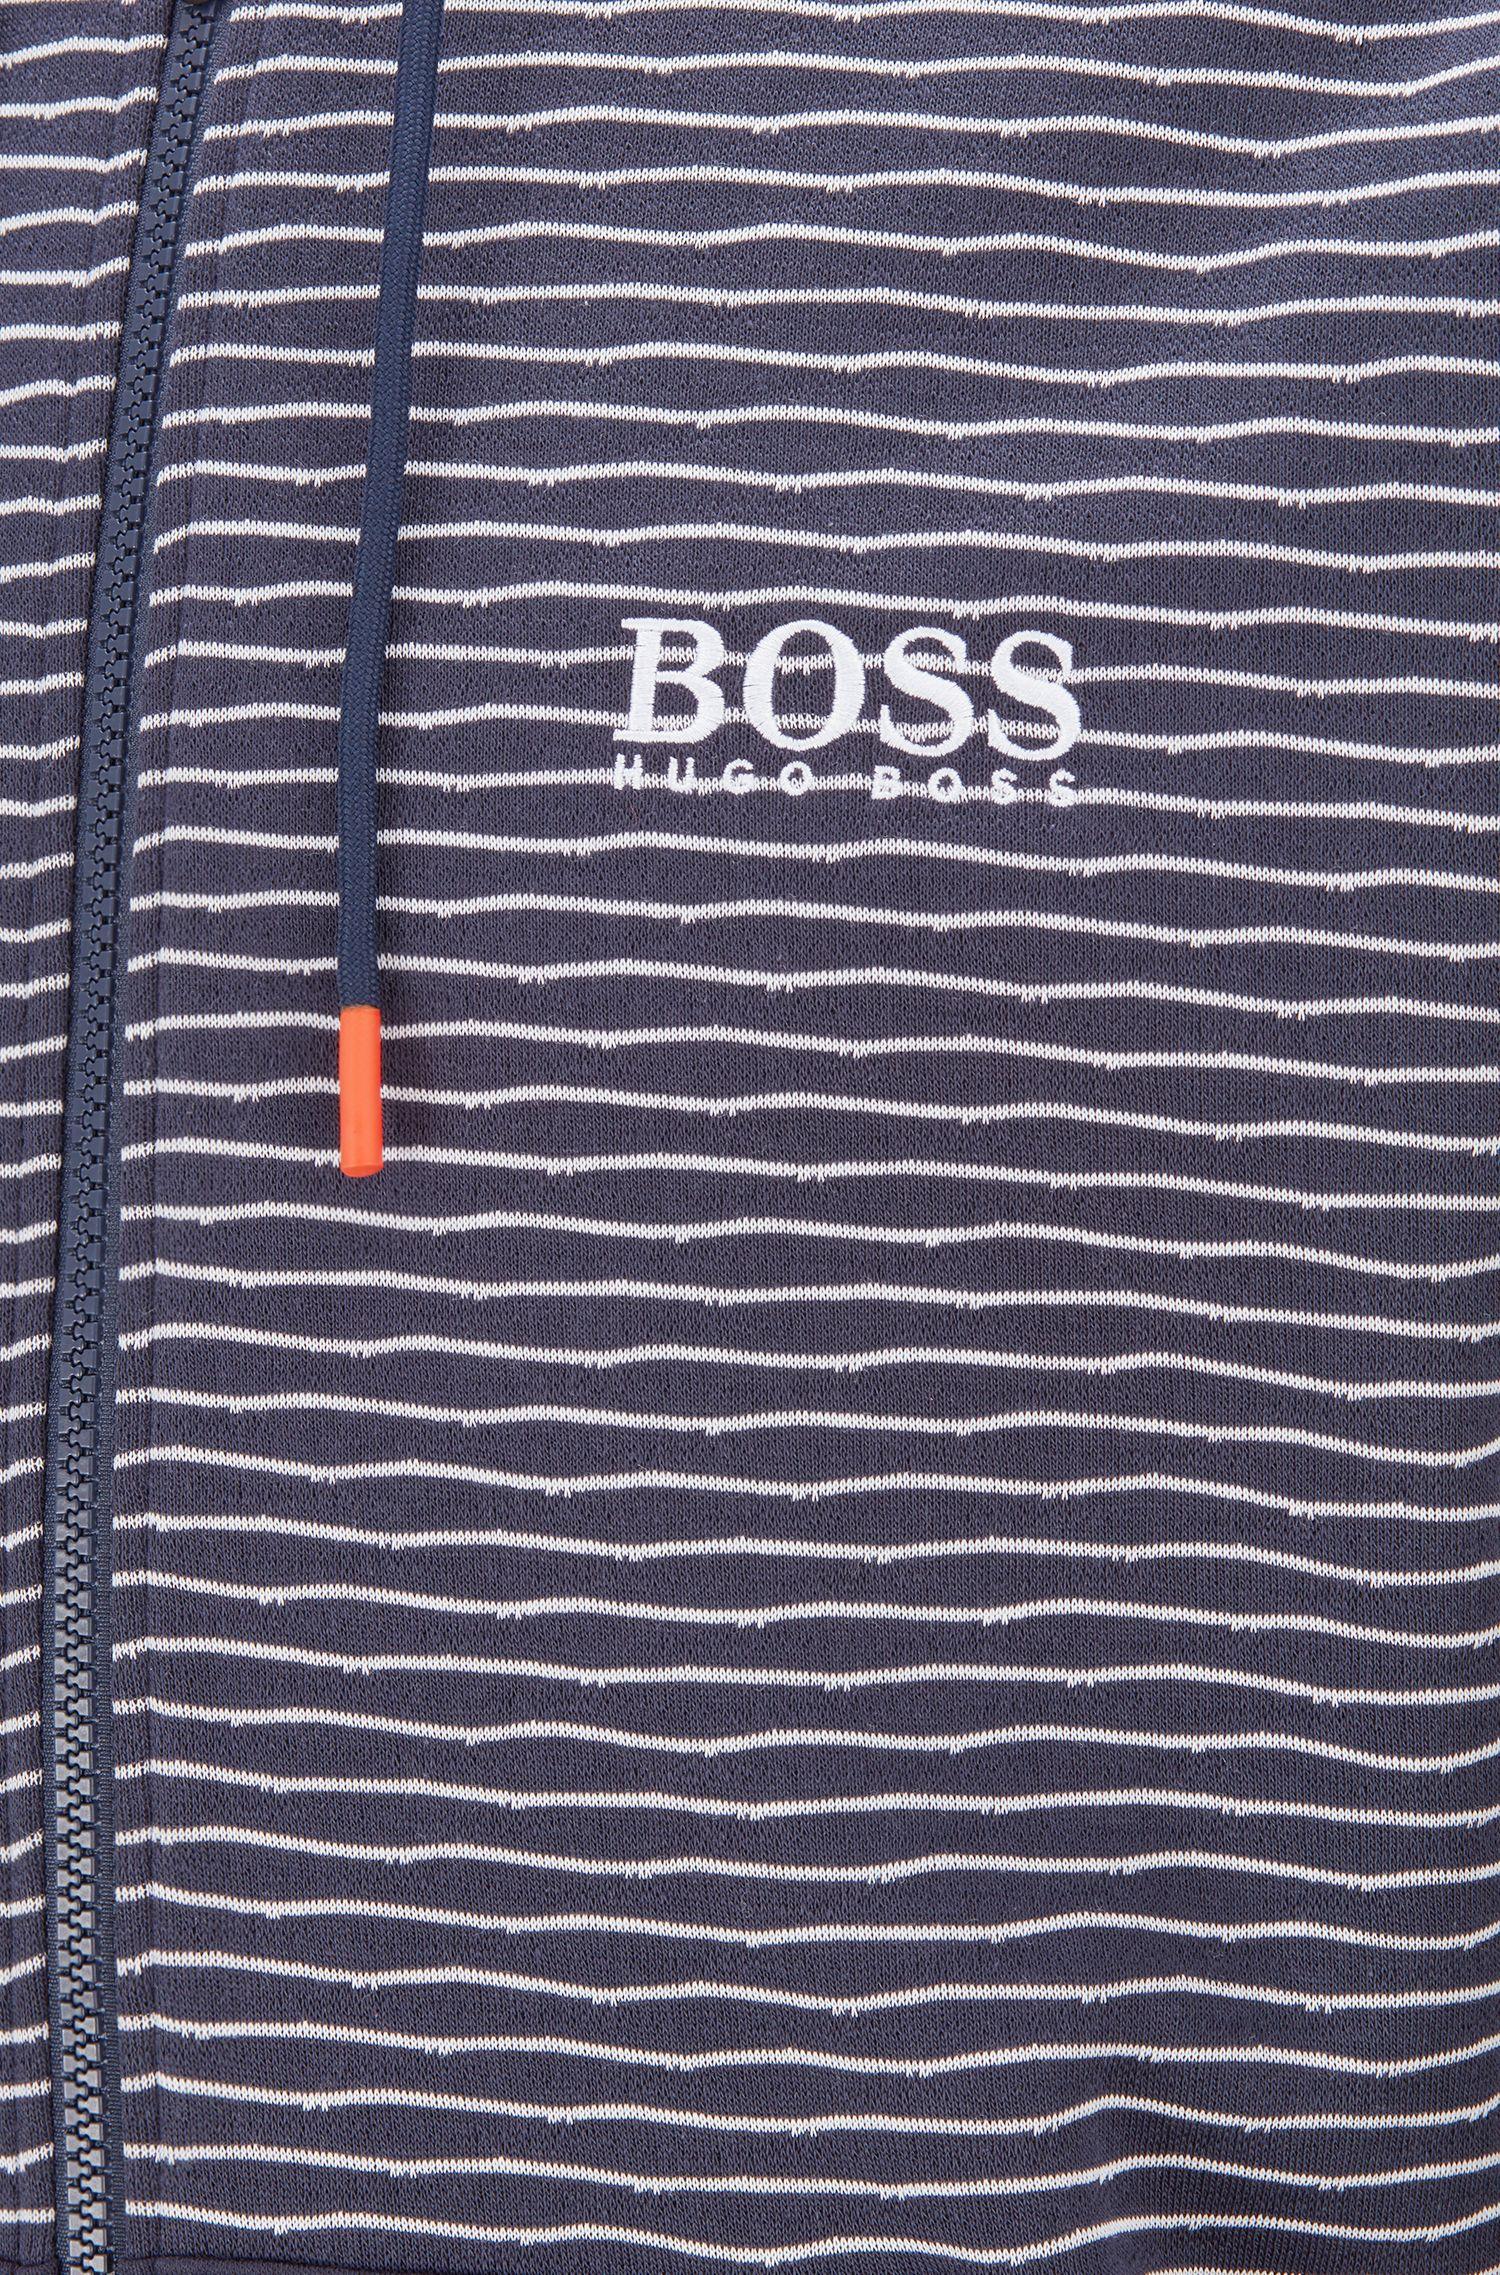 Sweat à capuche zippé en jacquard à rayures, à la finition Coolest Comfort, Bleu foncé